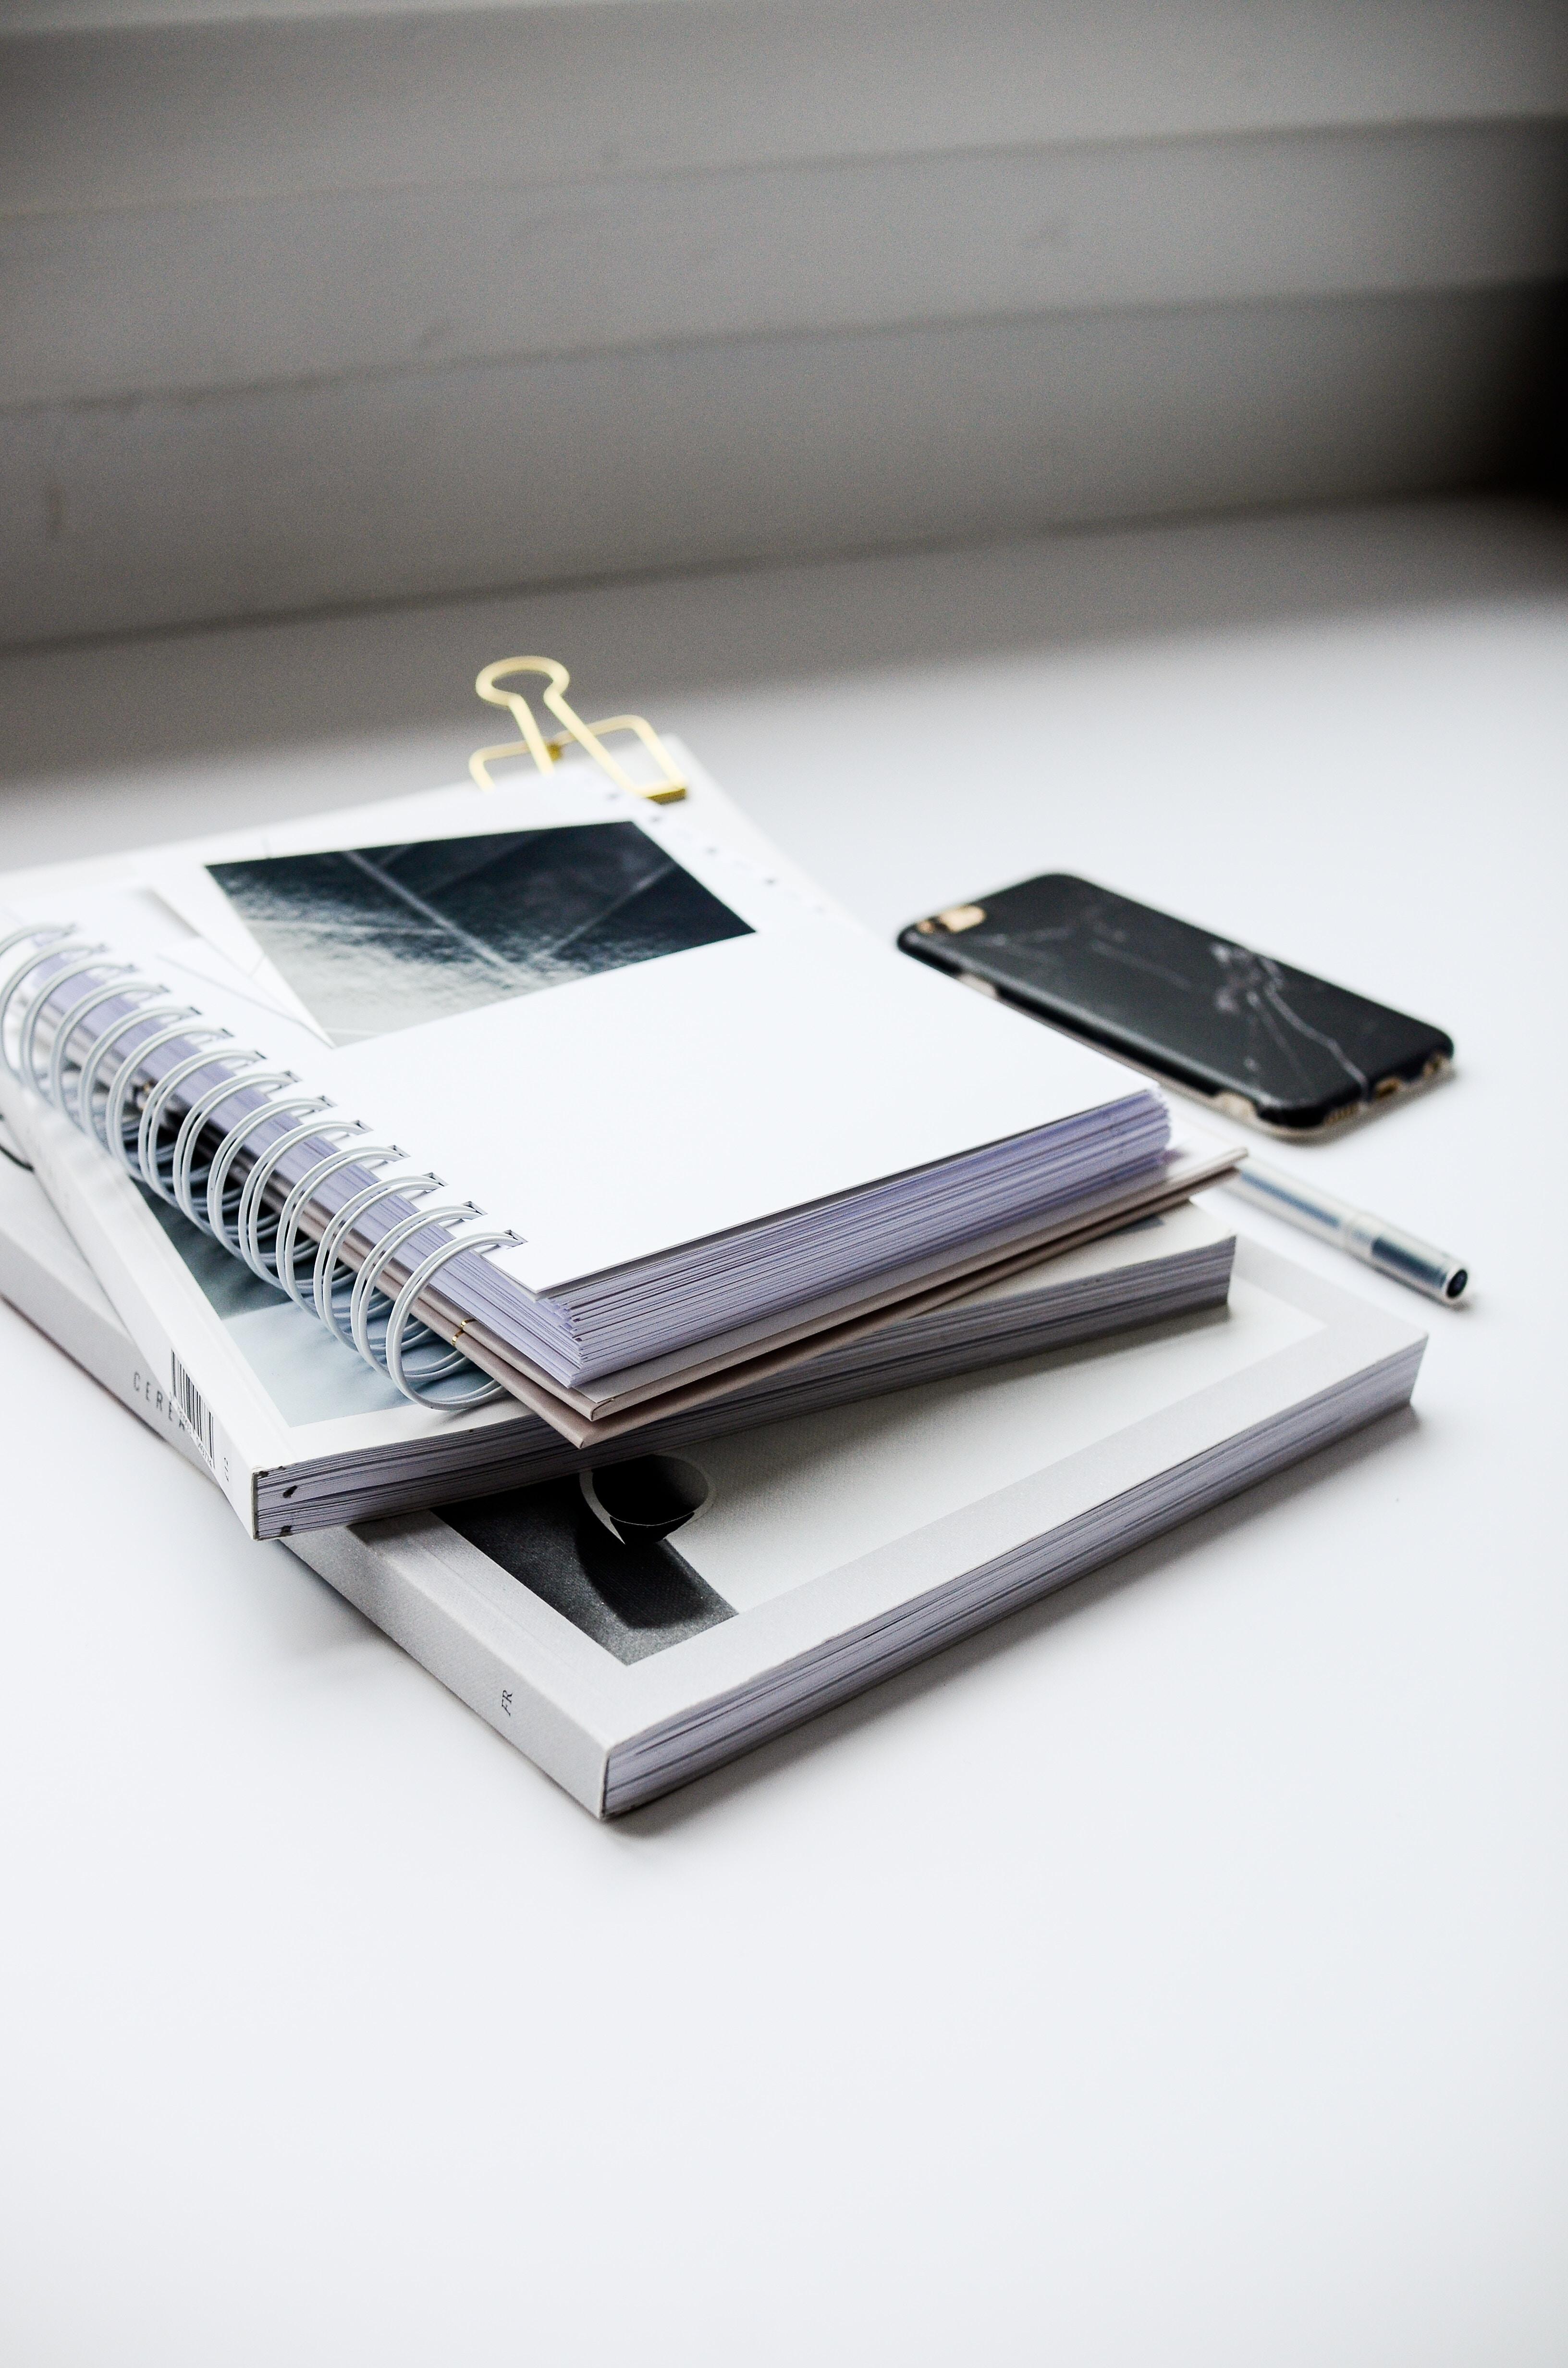 broken smartphone beside sketch books